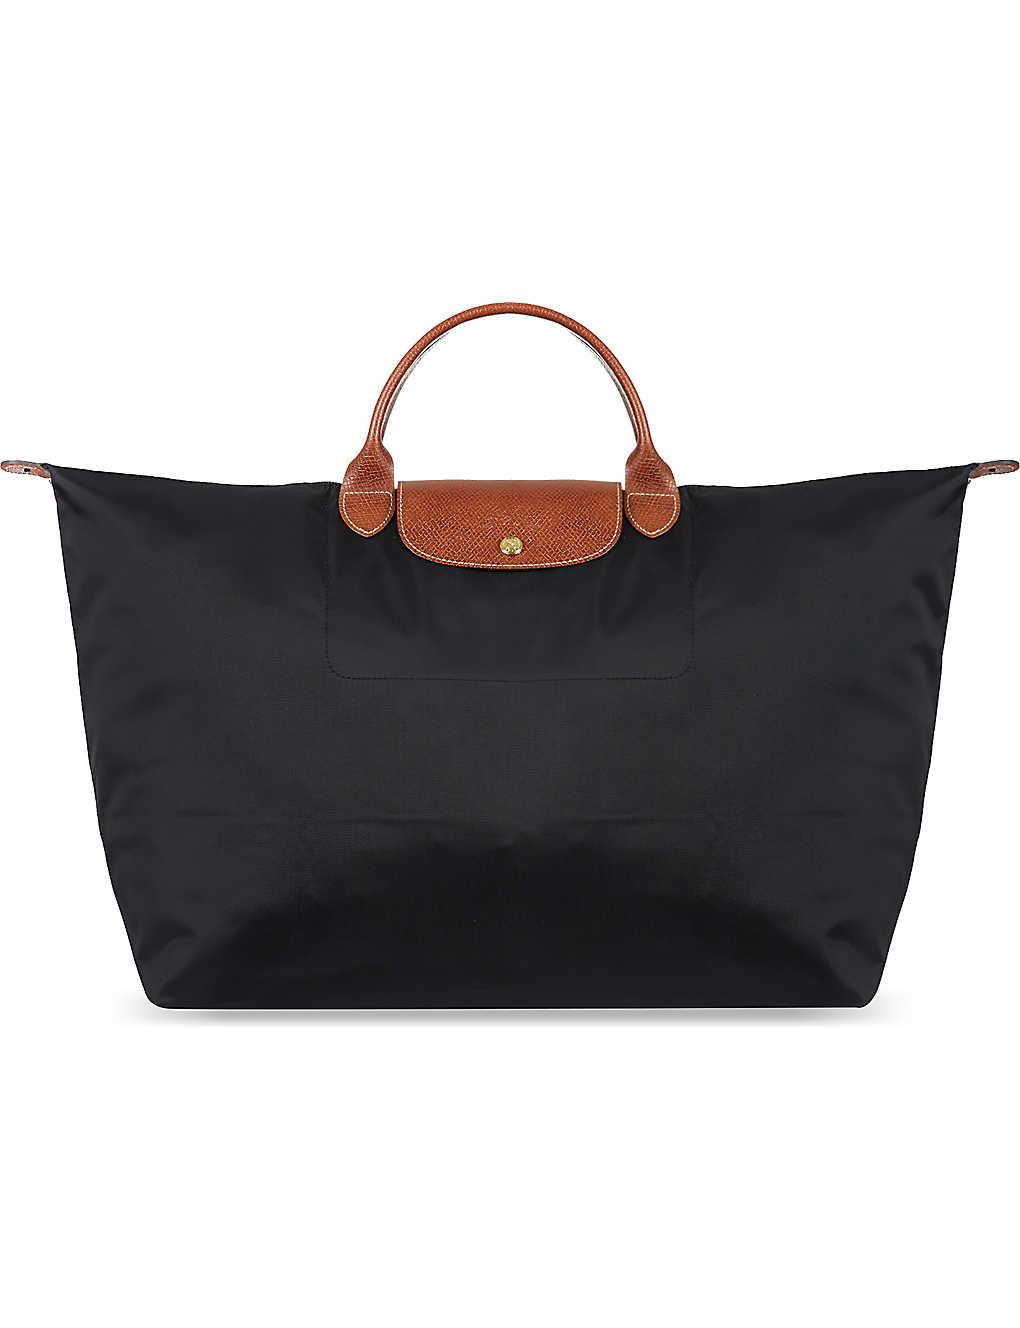 e2f9d525b72 Longchamp Weekend Bag Black   ReGreen Springfield